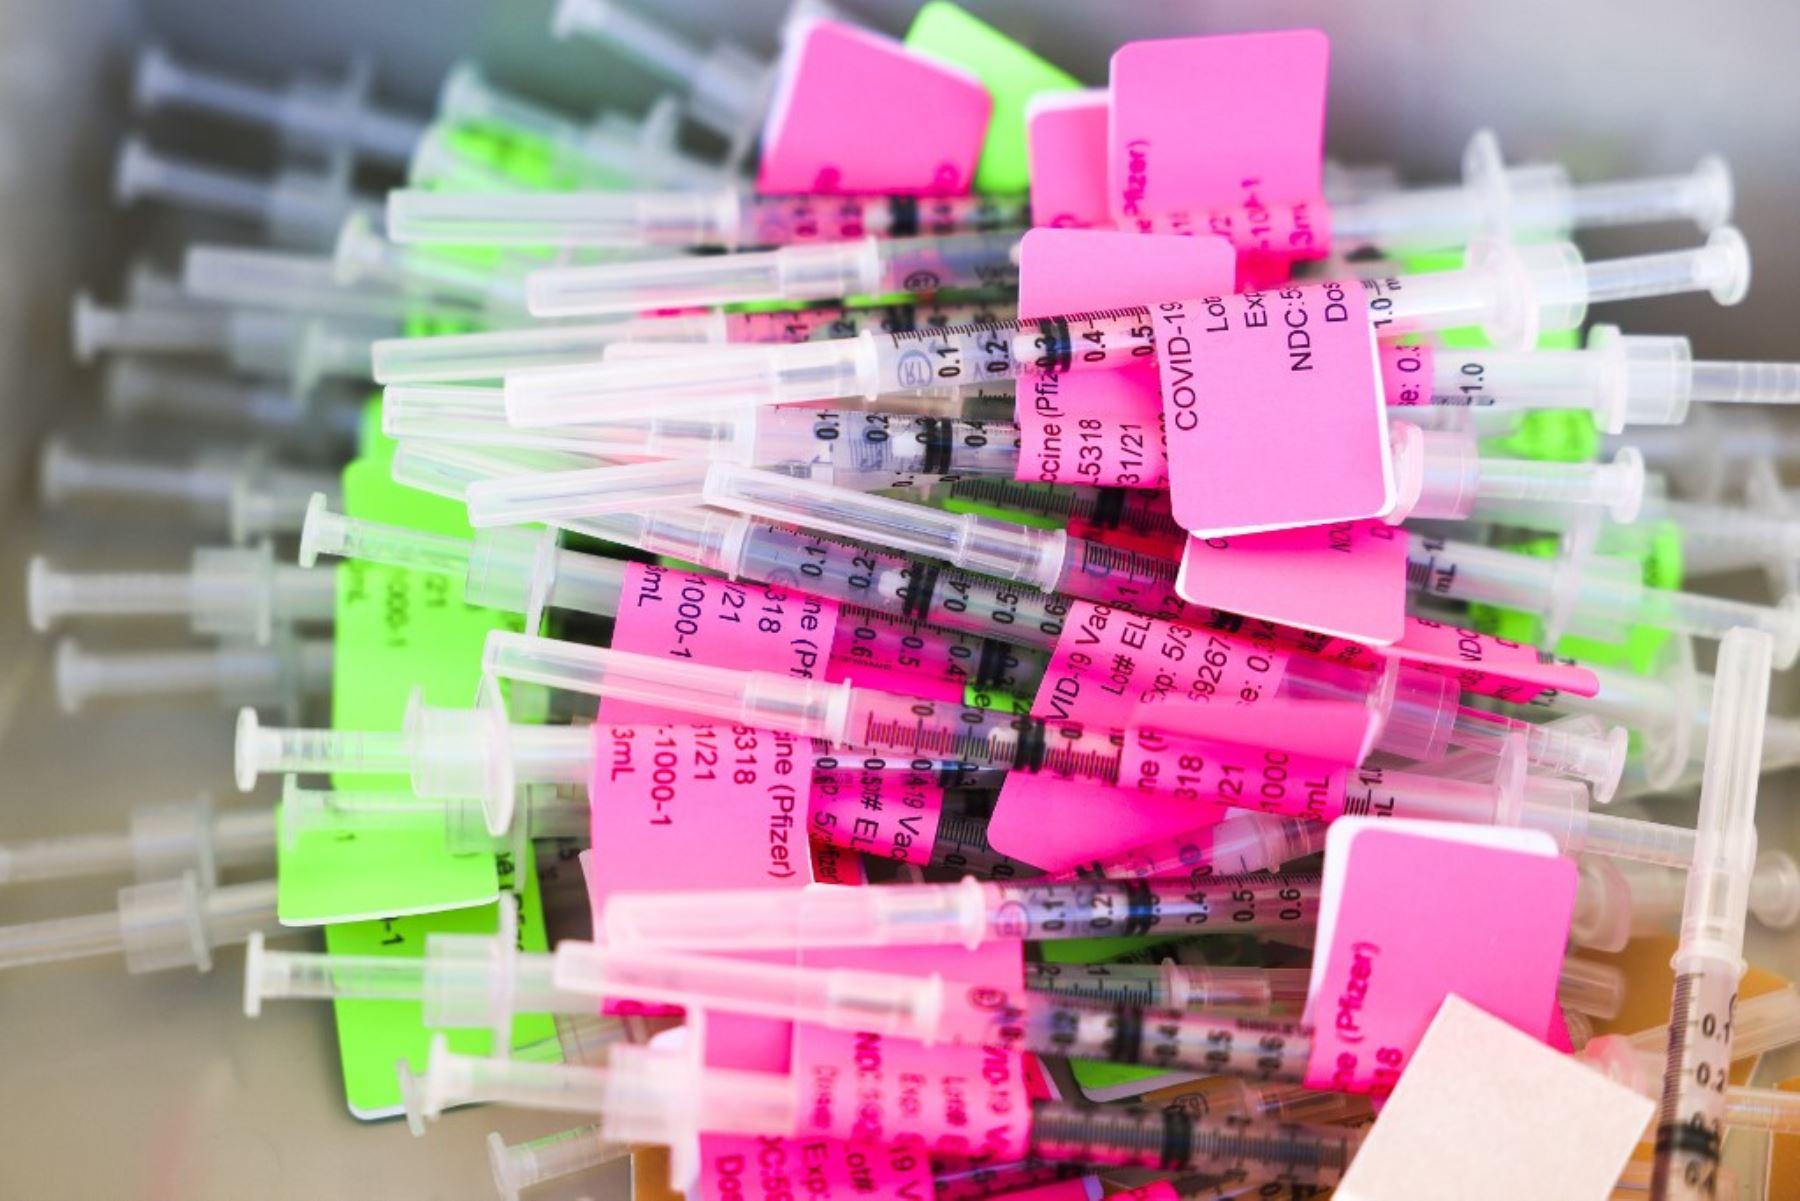 vacuna-de-pfizer-cuenta-con-proteccion-reducida-ante-la-variante-sudafricana